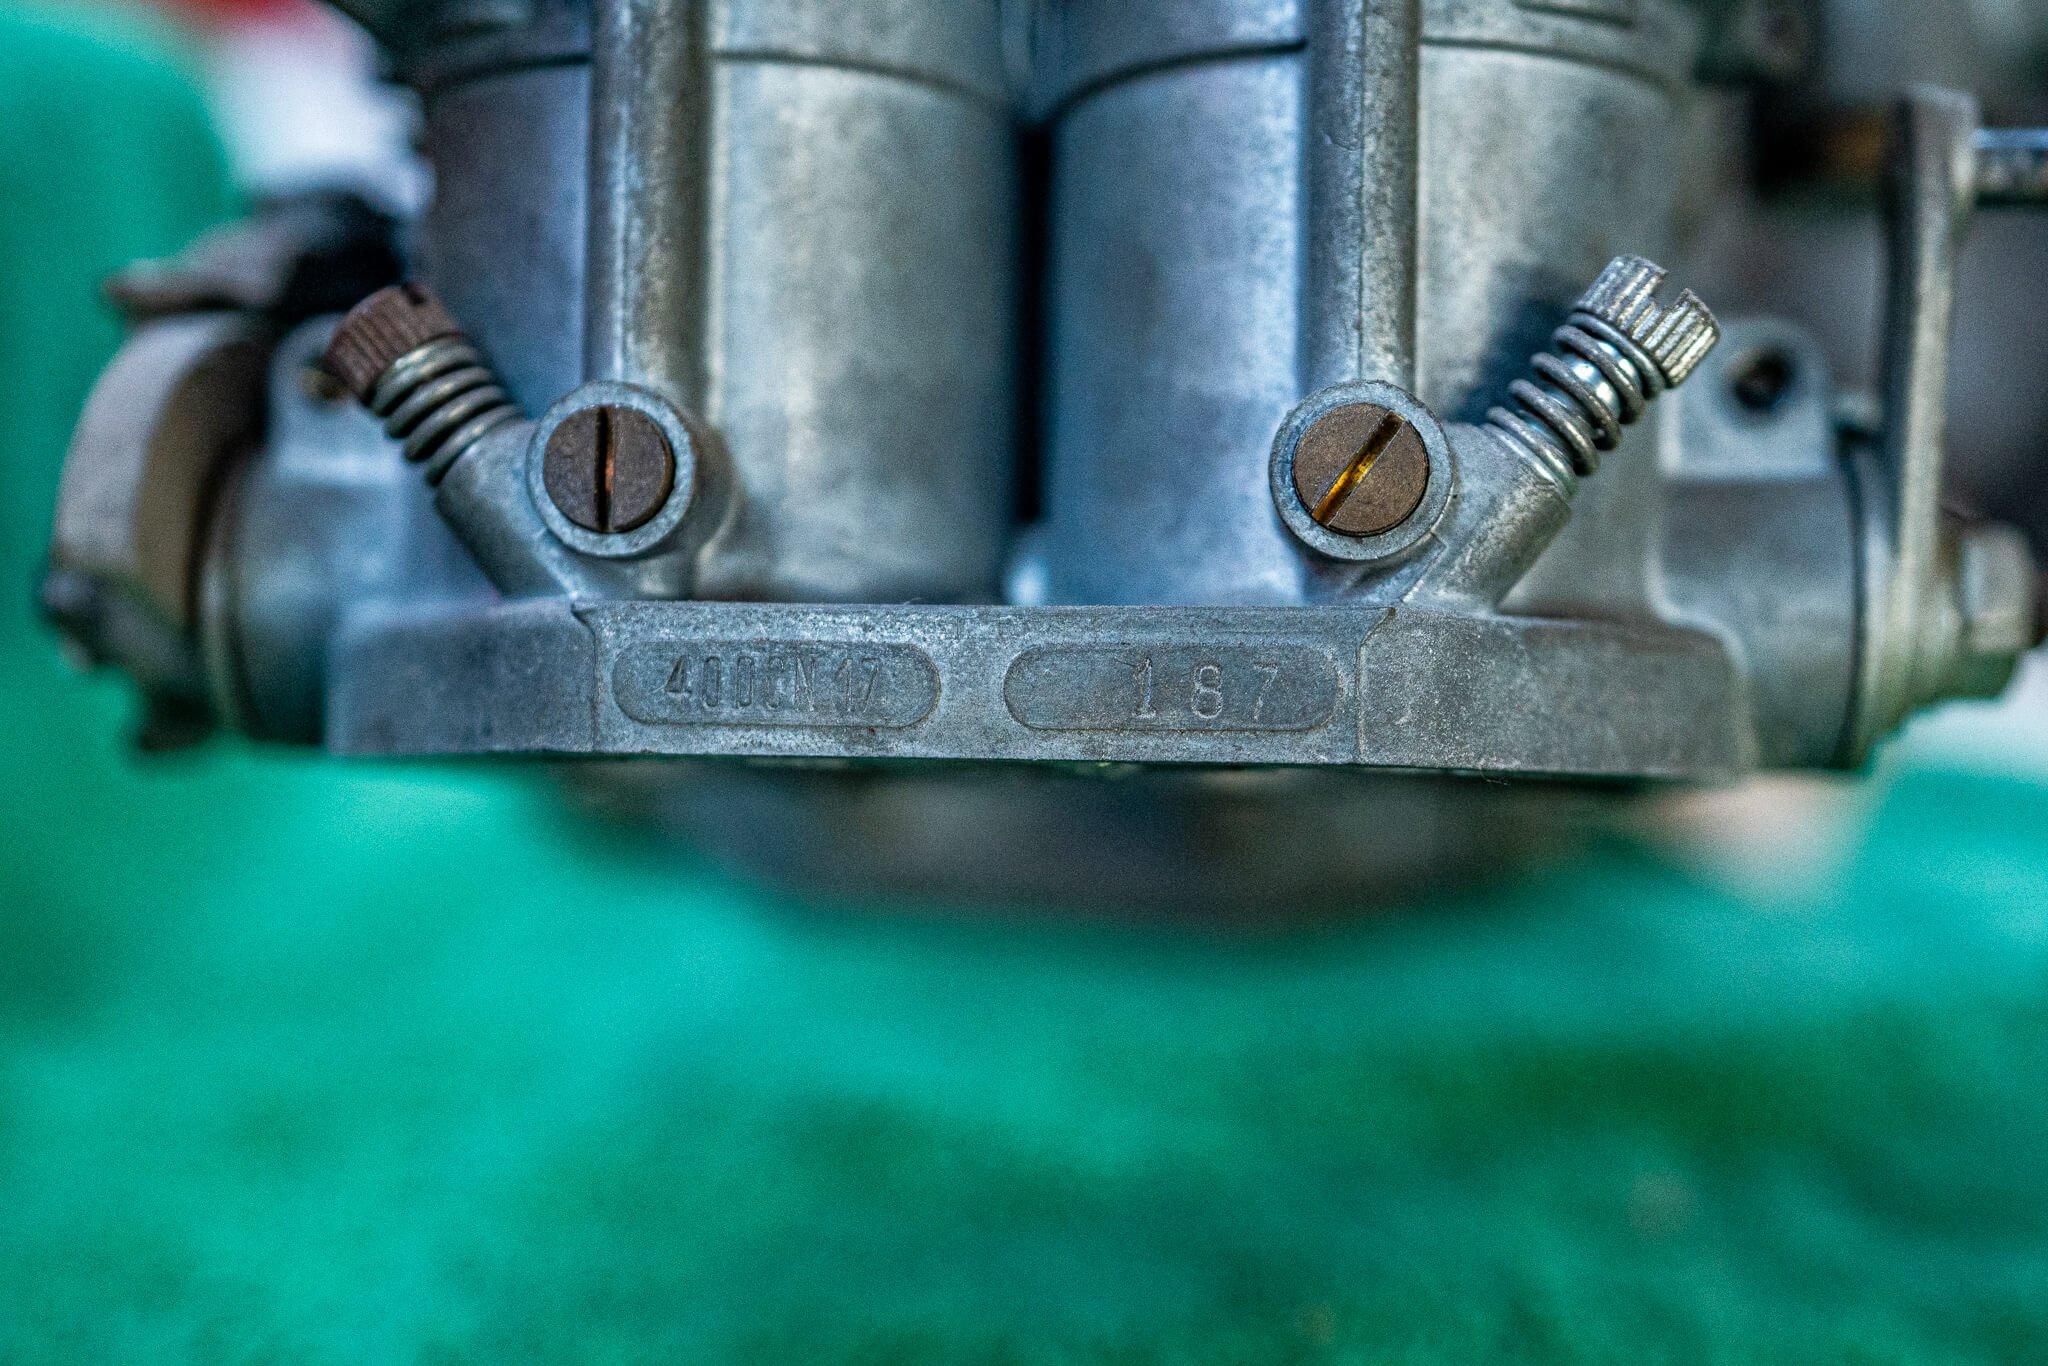 1965 Ferrari 206 SP engine